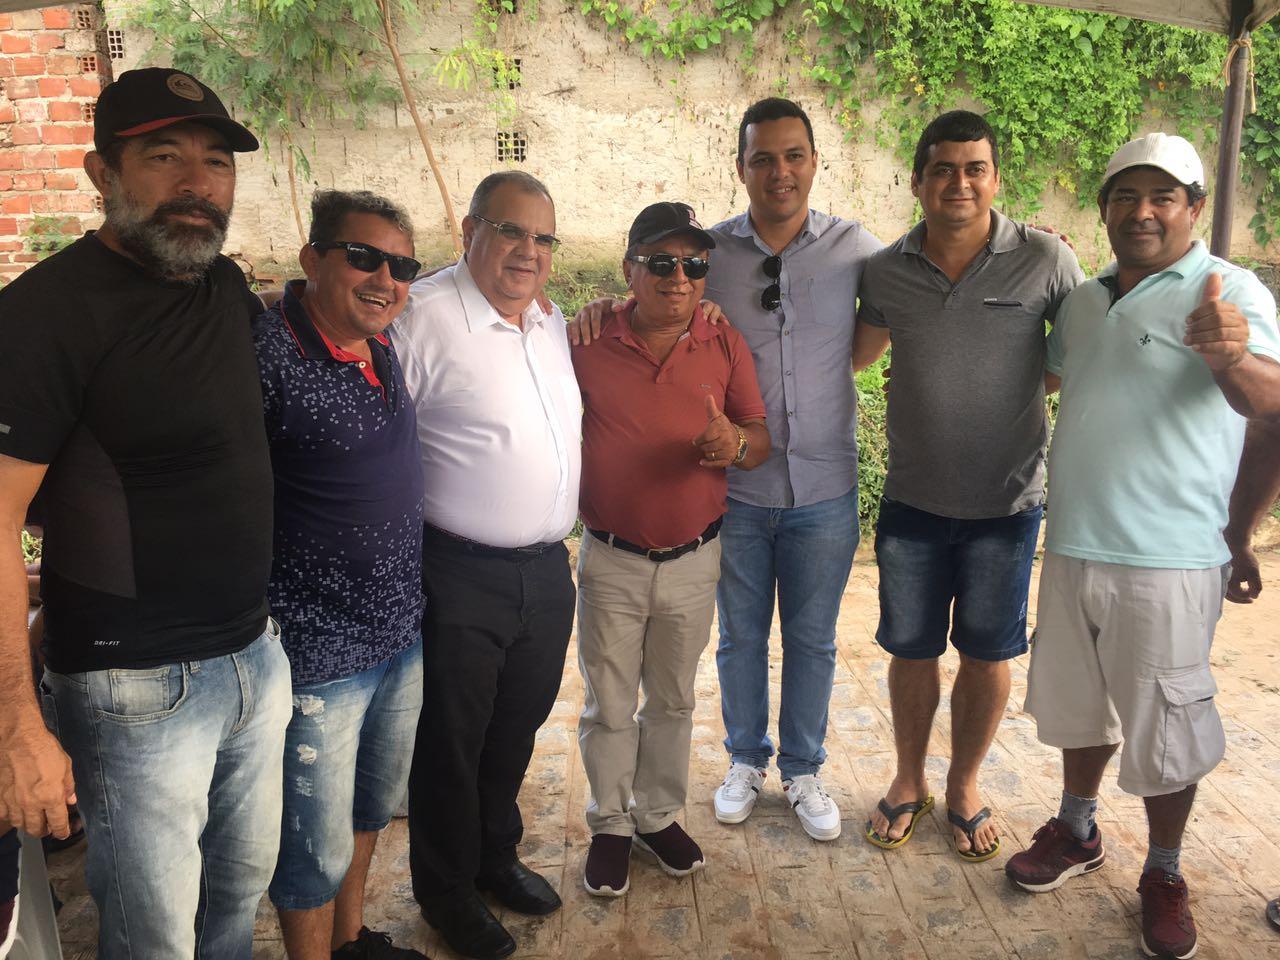 WhatsApp Image 2018 04 22 at 17.04.43 - Deputado federal Rômulo encontra com prefeito e vereadores em Pirpirituba